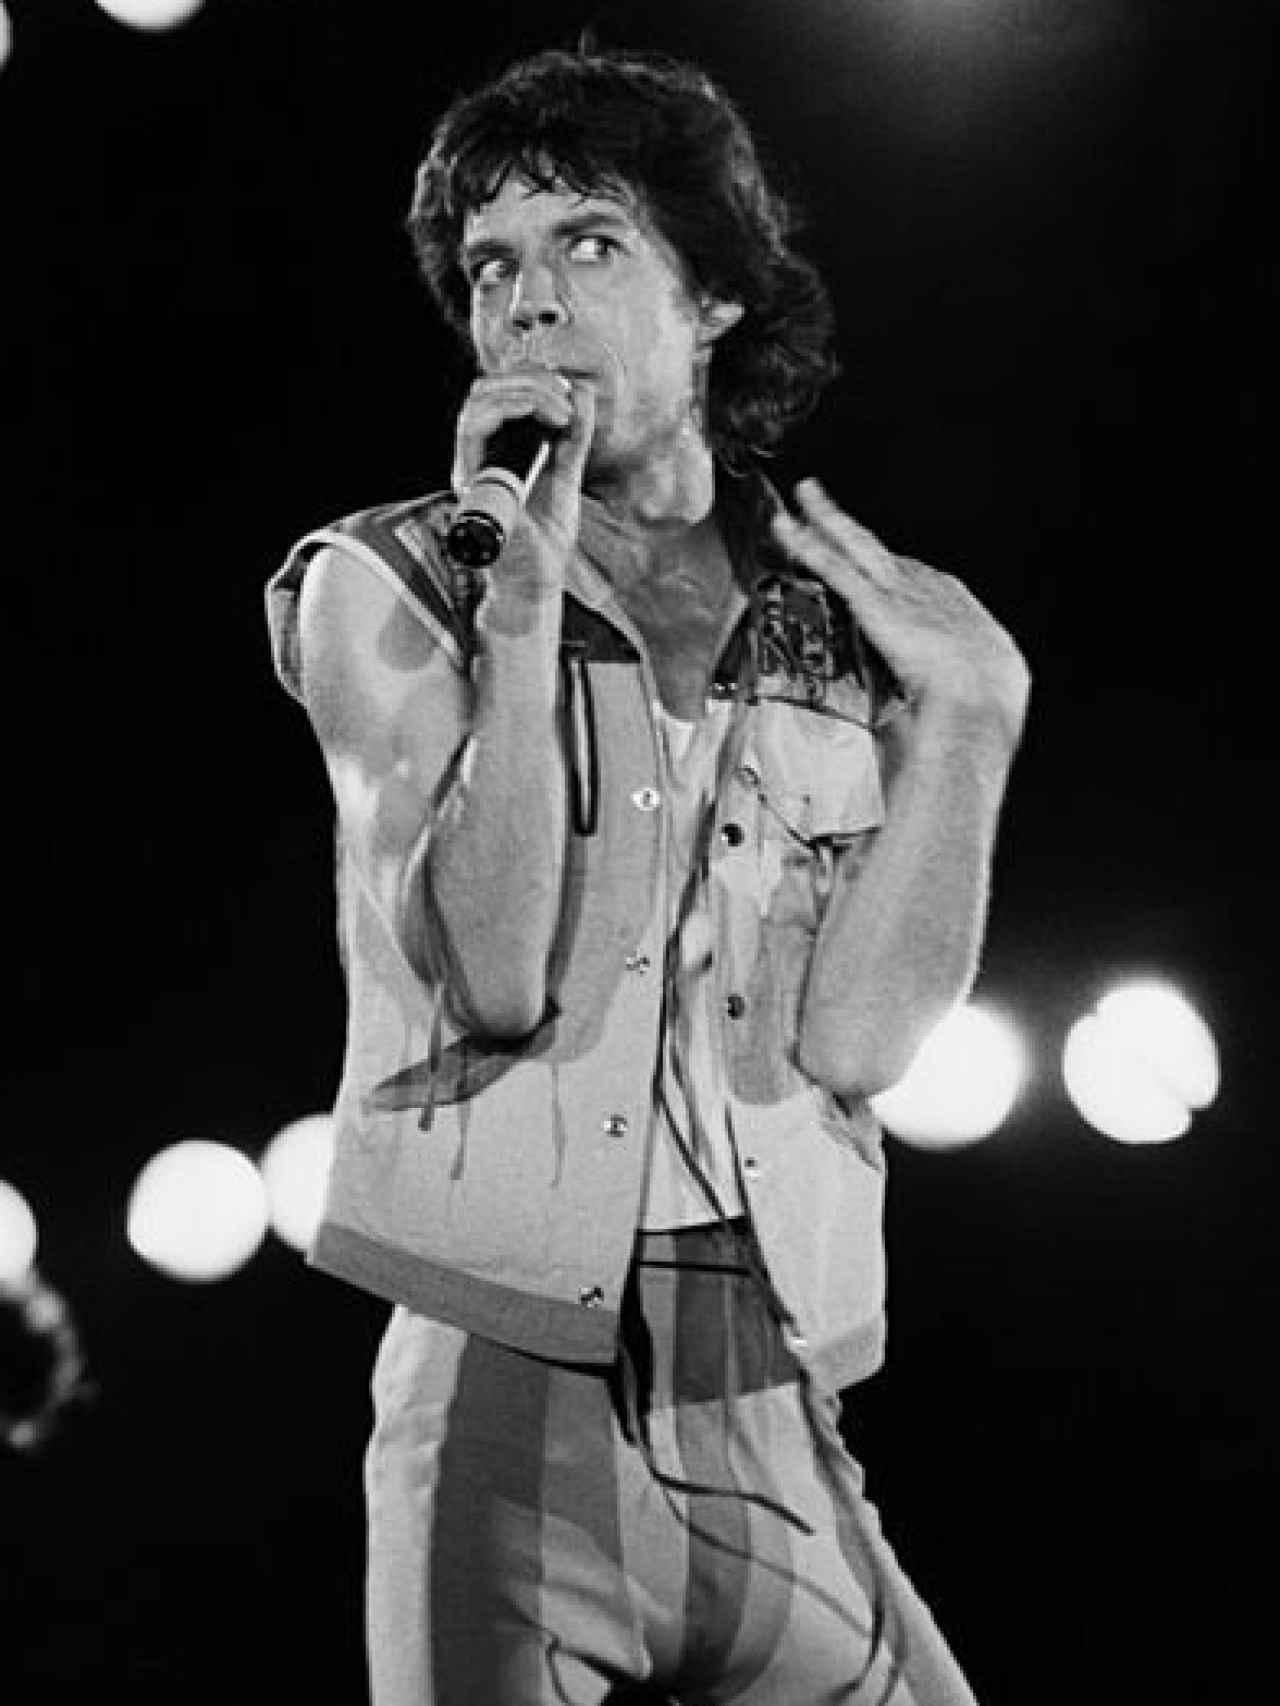 Concierto  de los  Rolling Stones en Torino (Italia) en  1982.